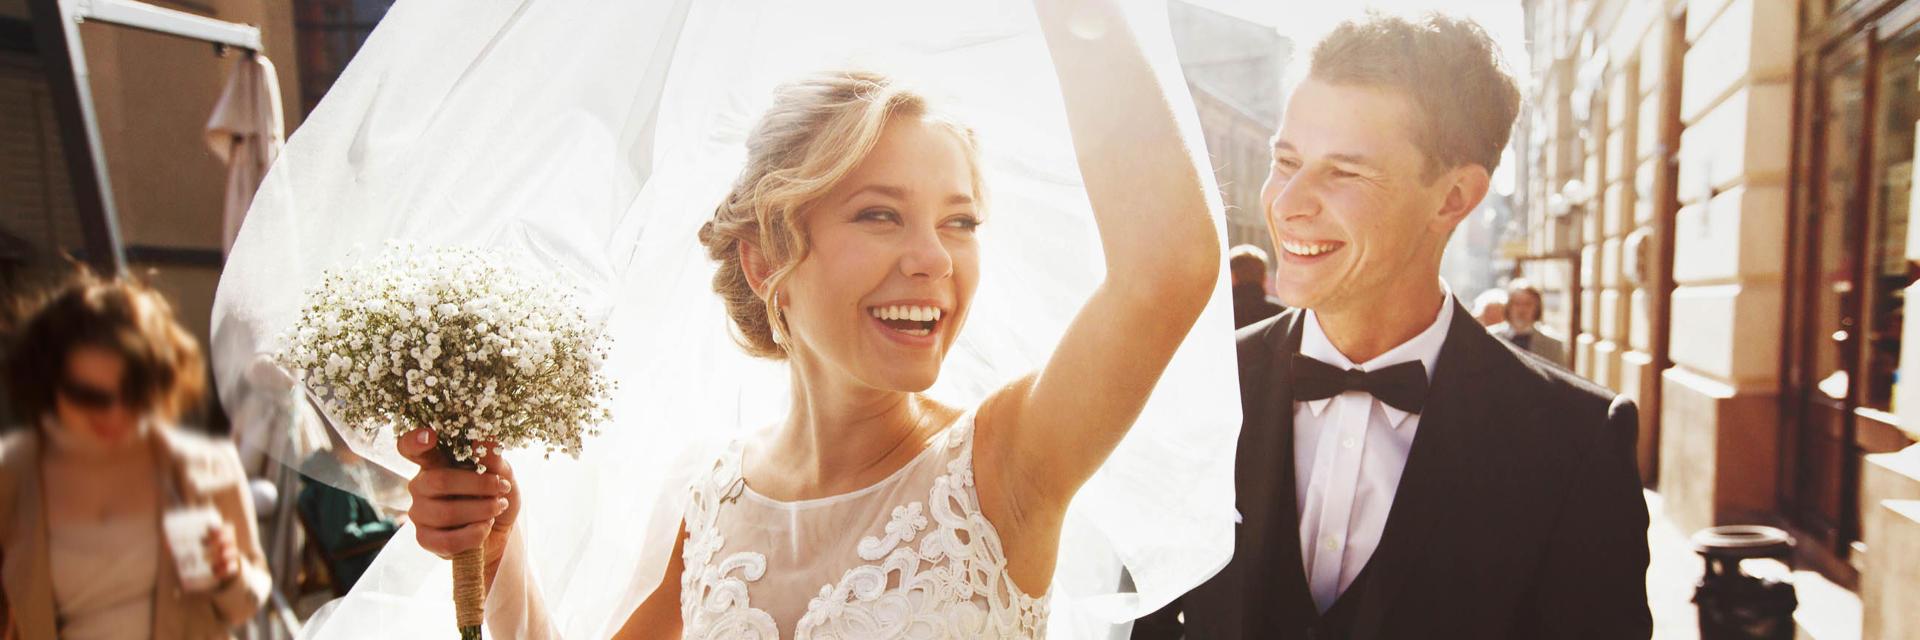 Brautmodengeschaft Eroffnen Hilfreiche Tipps Fur Die Grundung